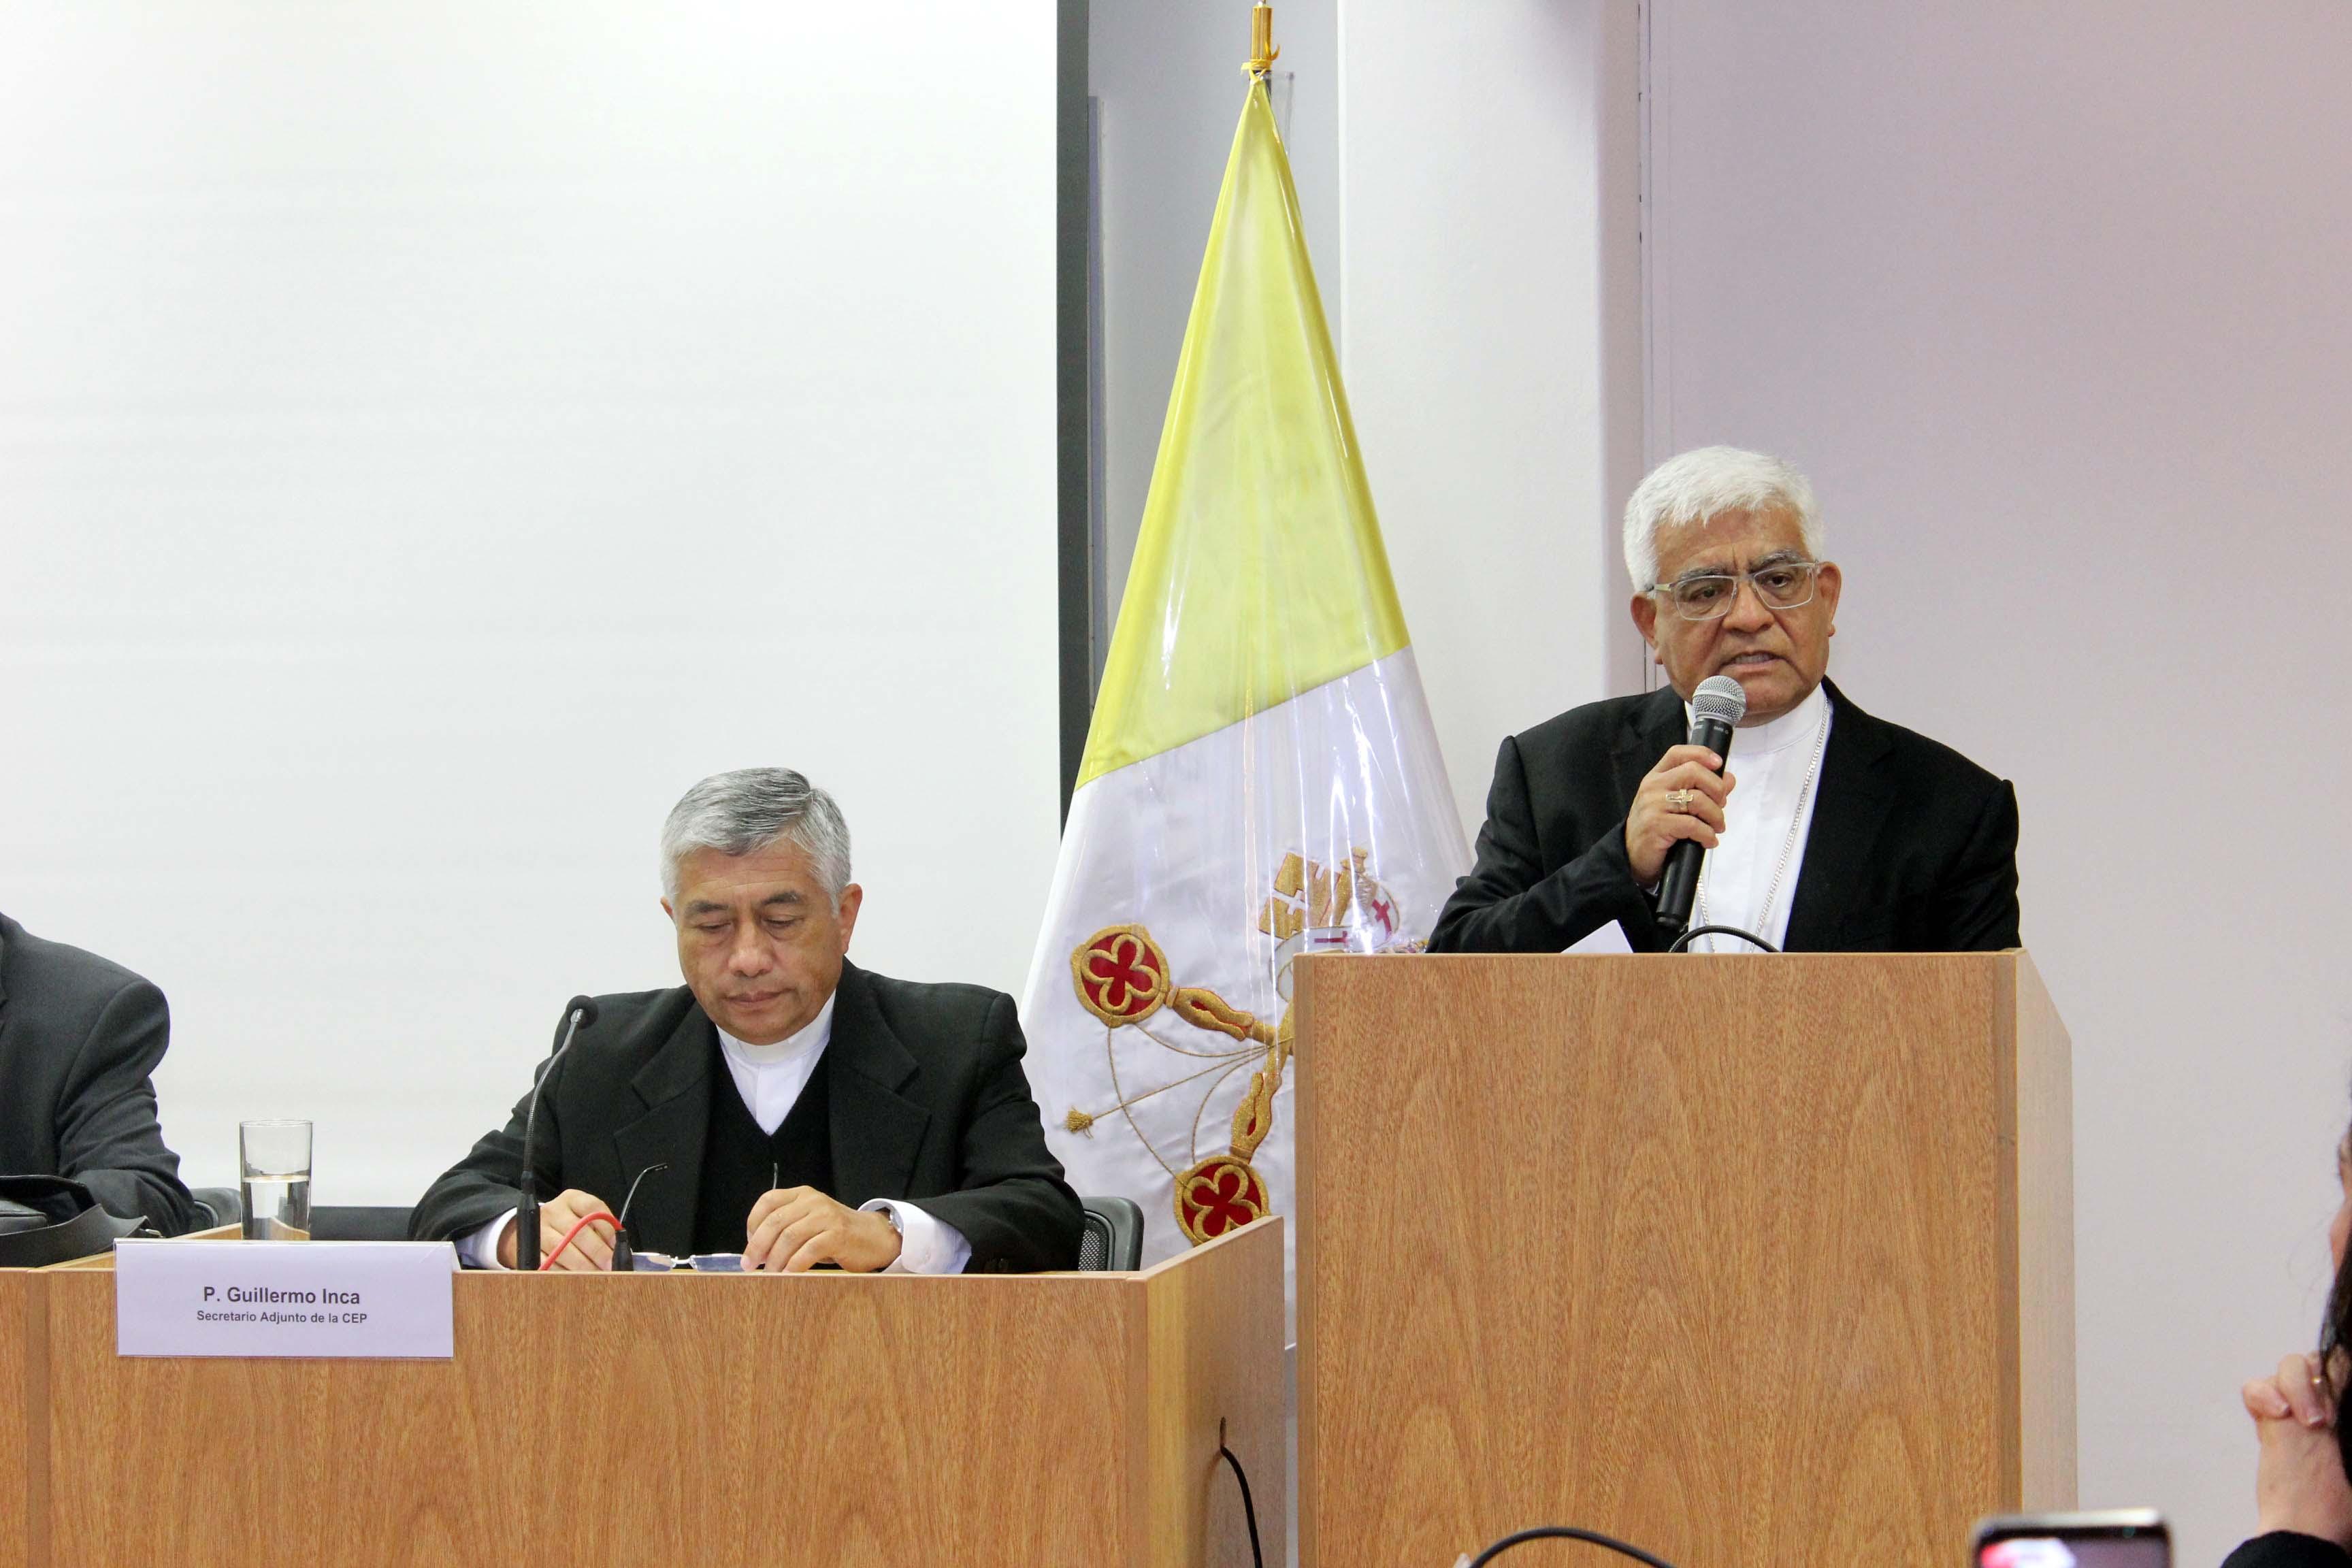 Pronunciamiento de la Conferencia Episcopal Peruana sobre la coyuntura política que vive nuestro país